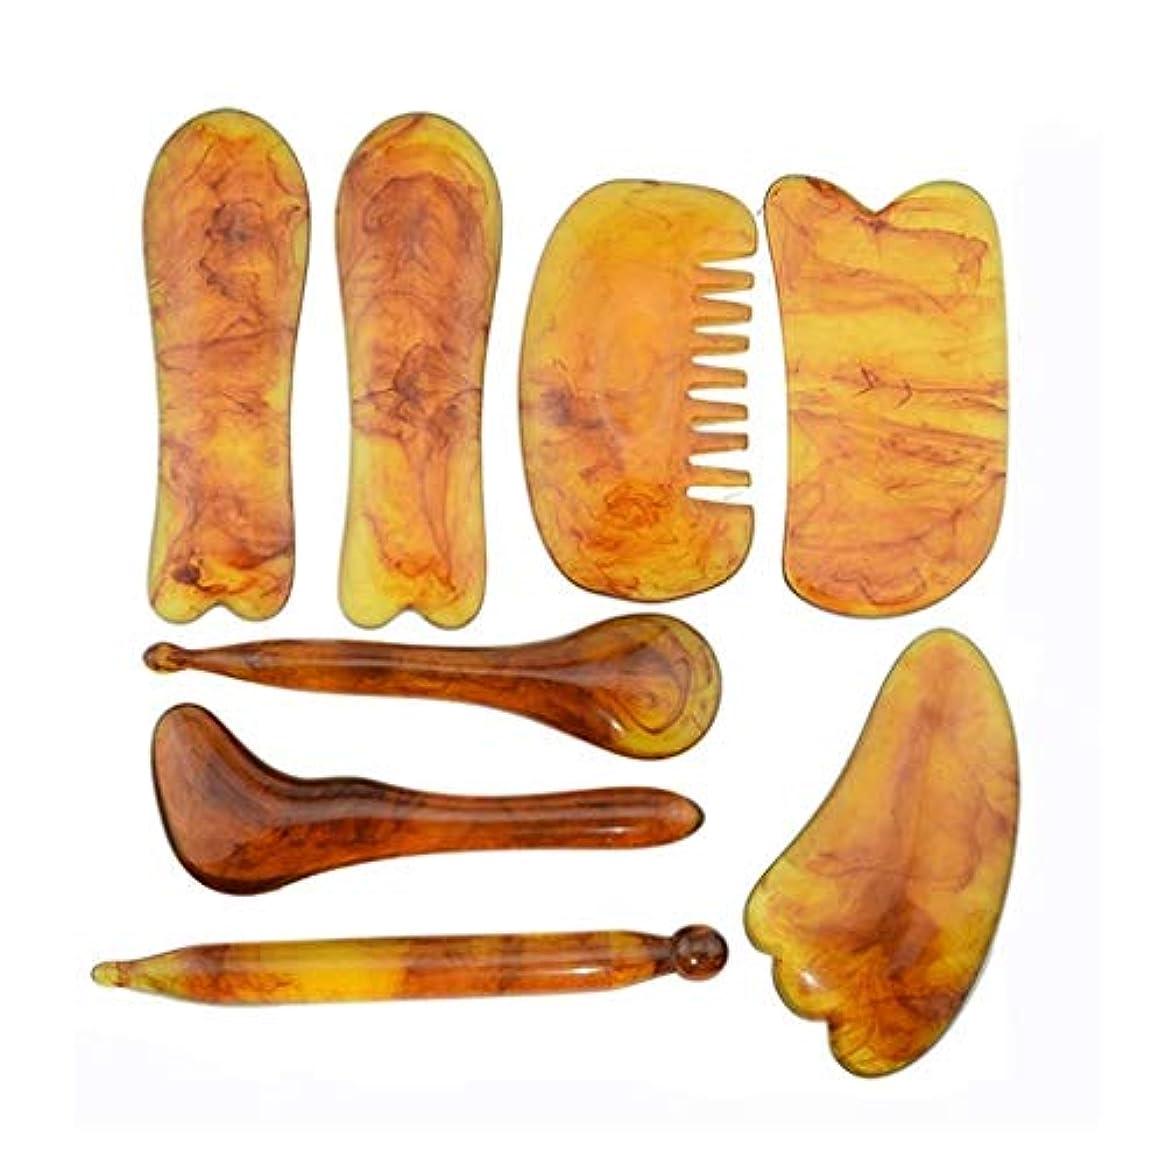 海軍かんがい誤ってGua Shaマッサージツール柔らかい組織の筋肉剥離エッジ首、顔、背中と足のための削りツール